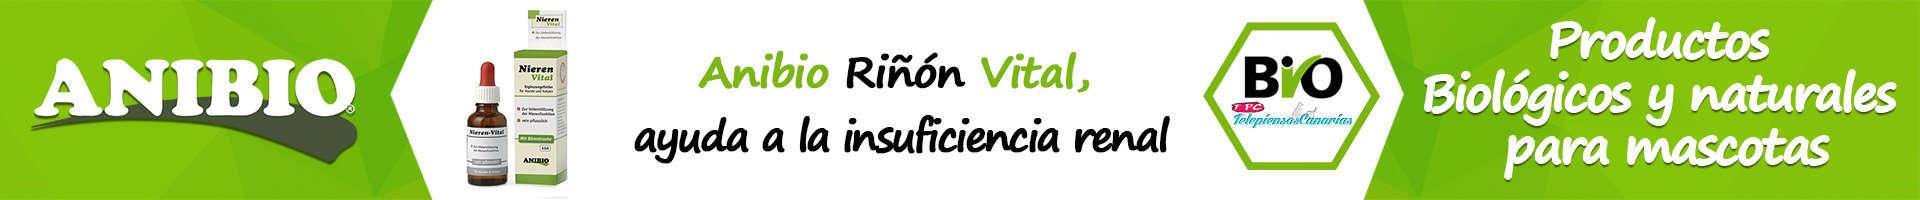 Anibio riñón vital, ayuda a la función renal